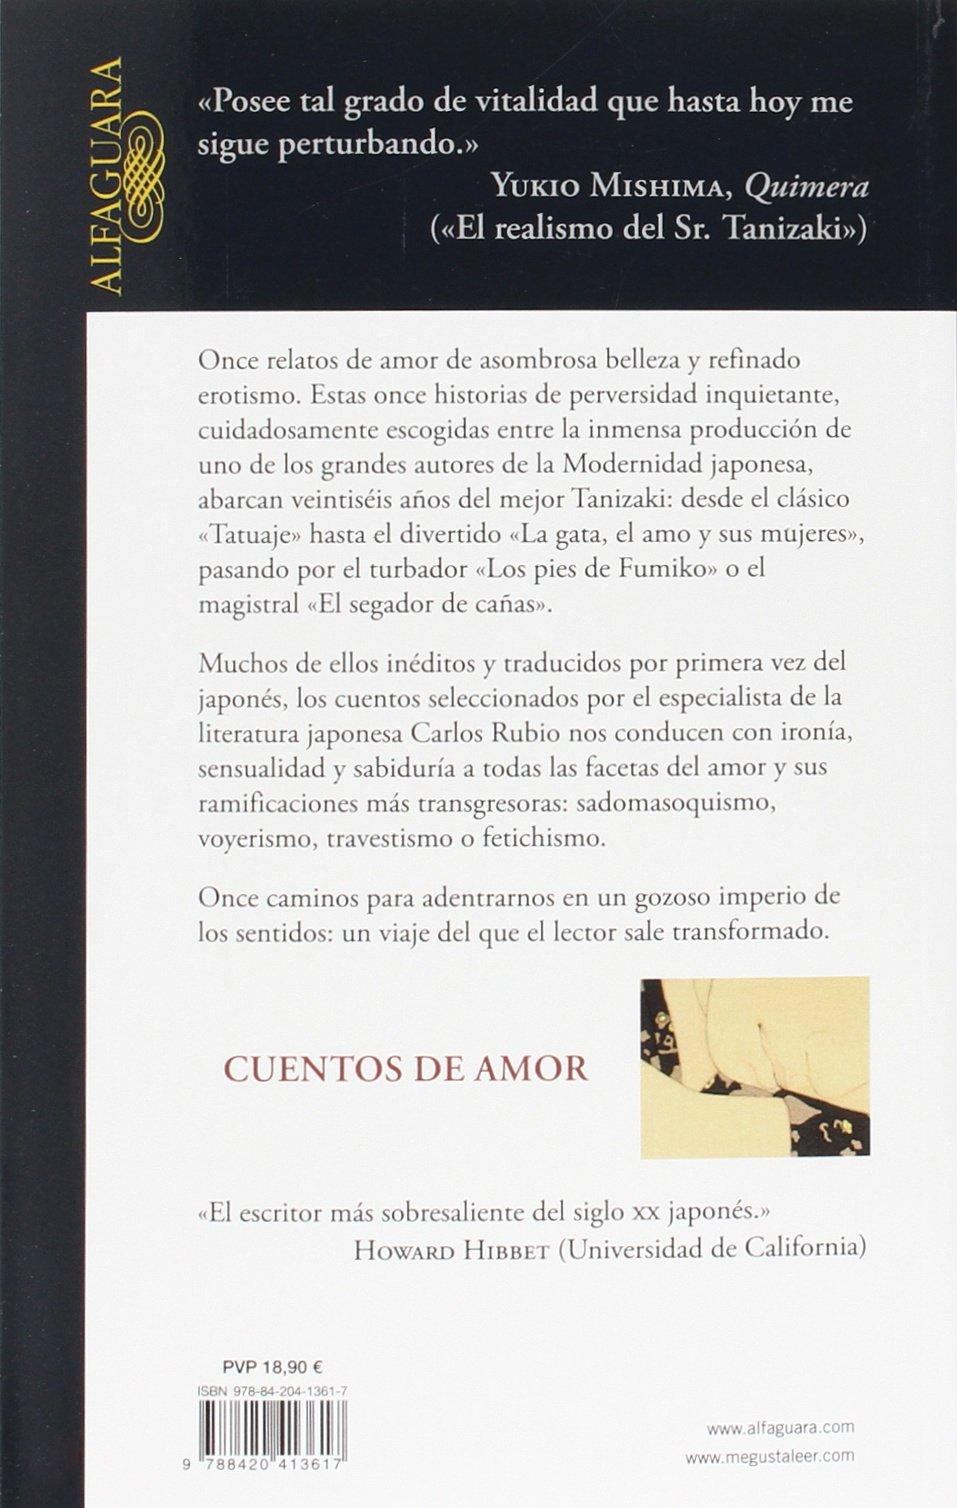 Cuentos de amor (LITERATURAS): Amazon.es: Tanizaki, Junichirô: Libros